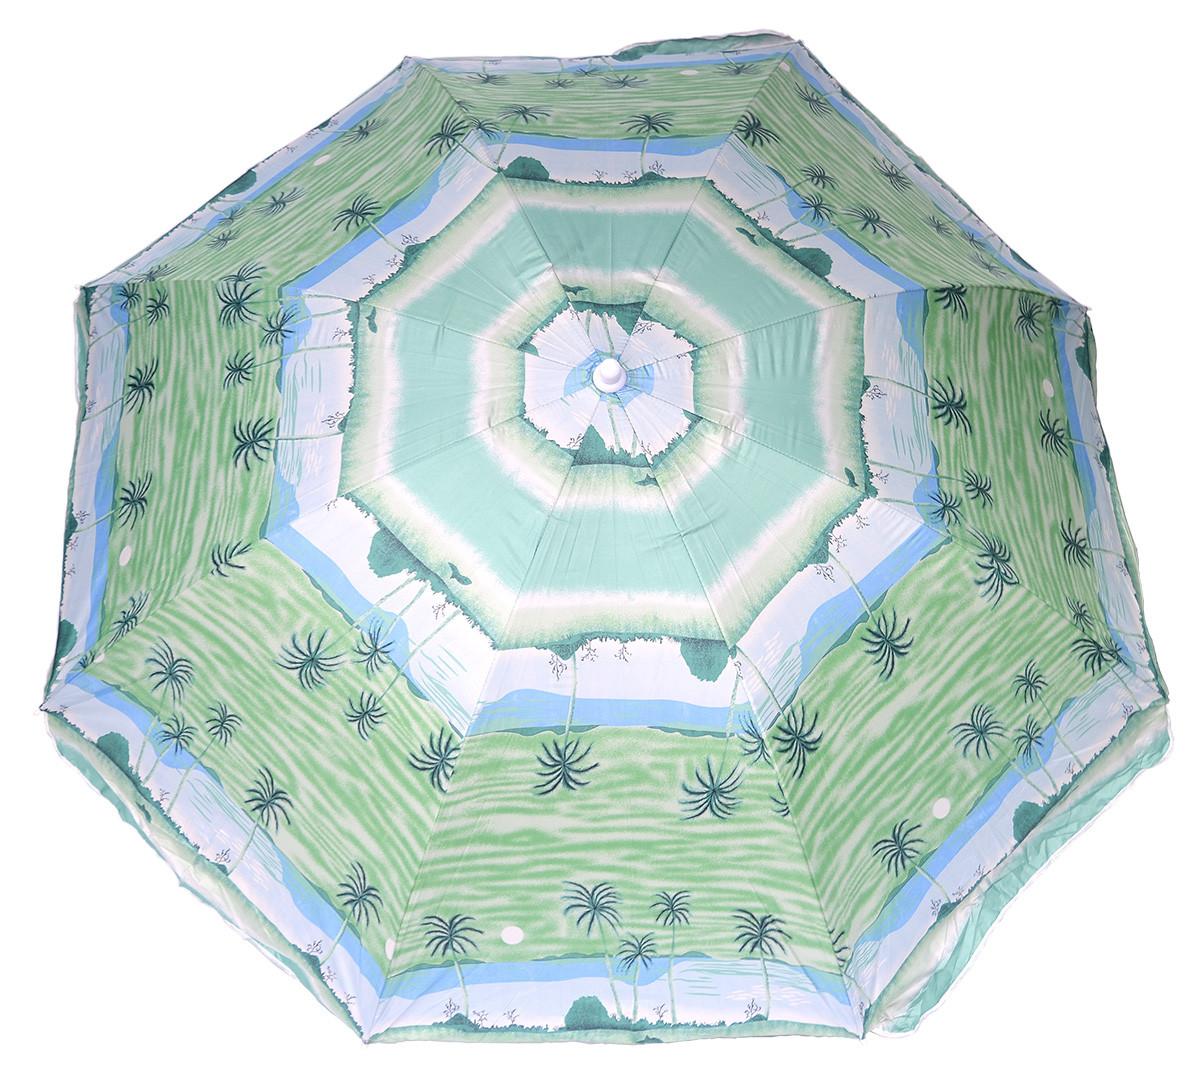 Пляжный зонт с серебристым напылением 1.8 м с наклоном